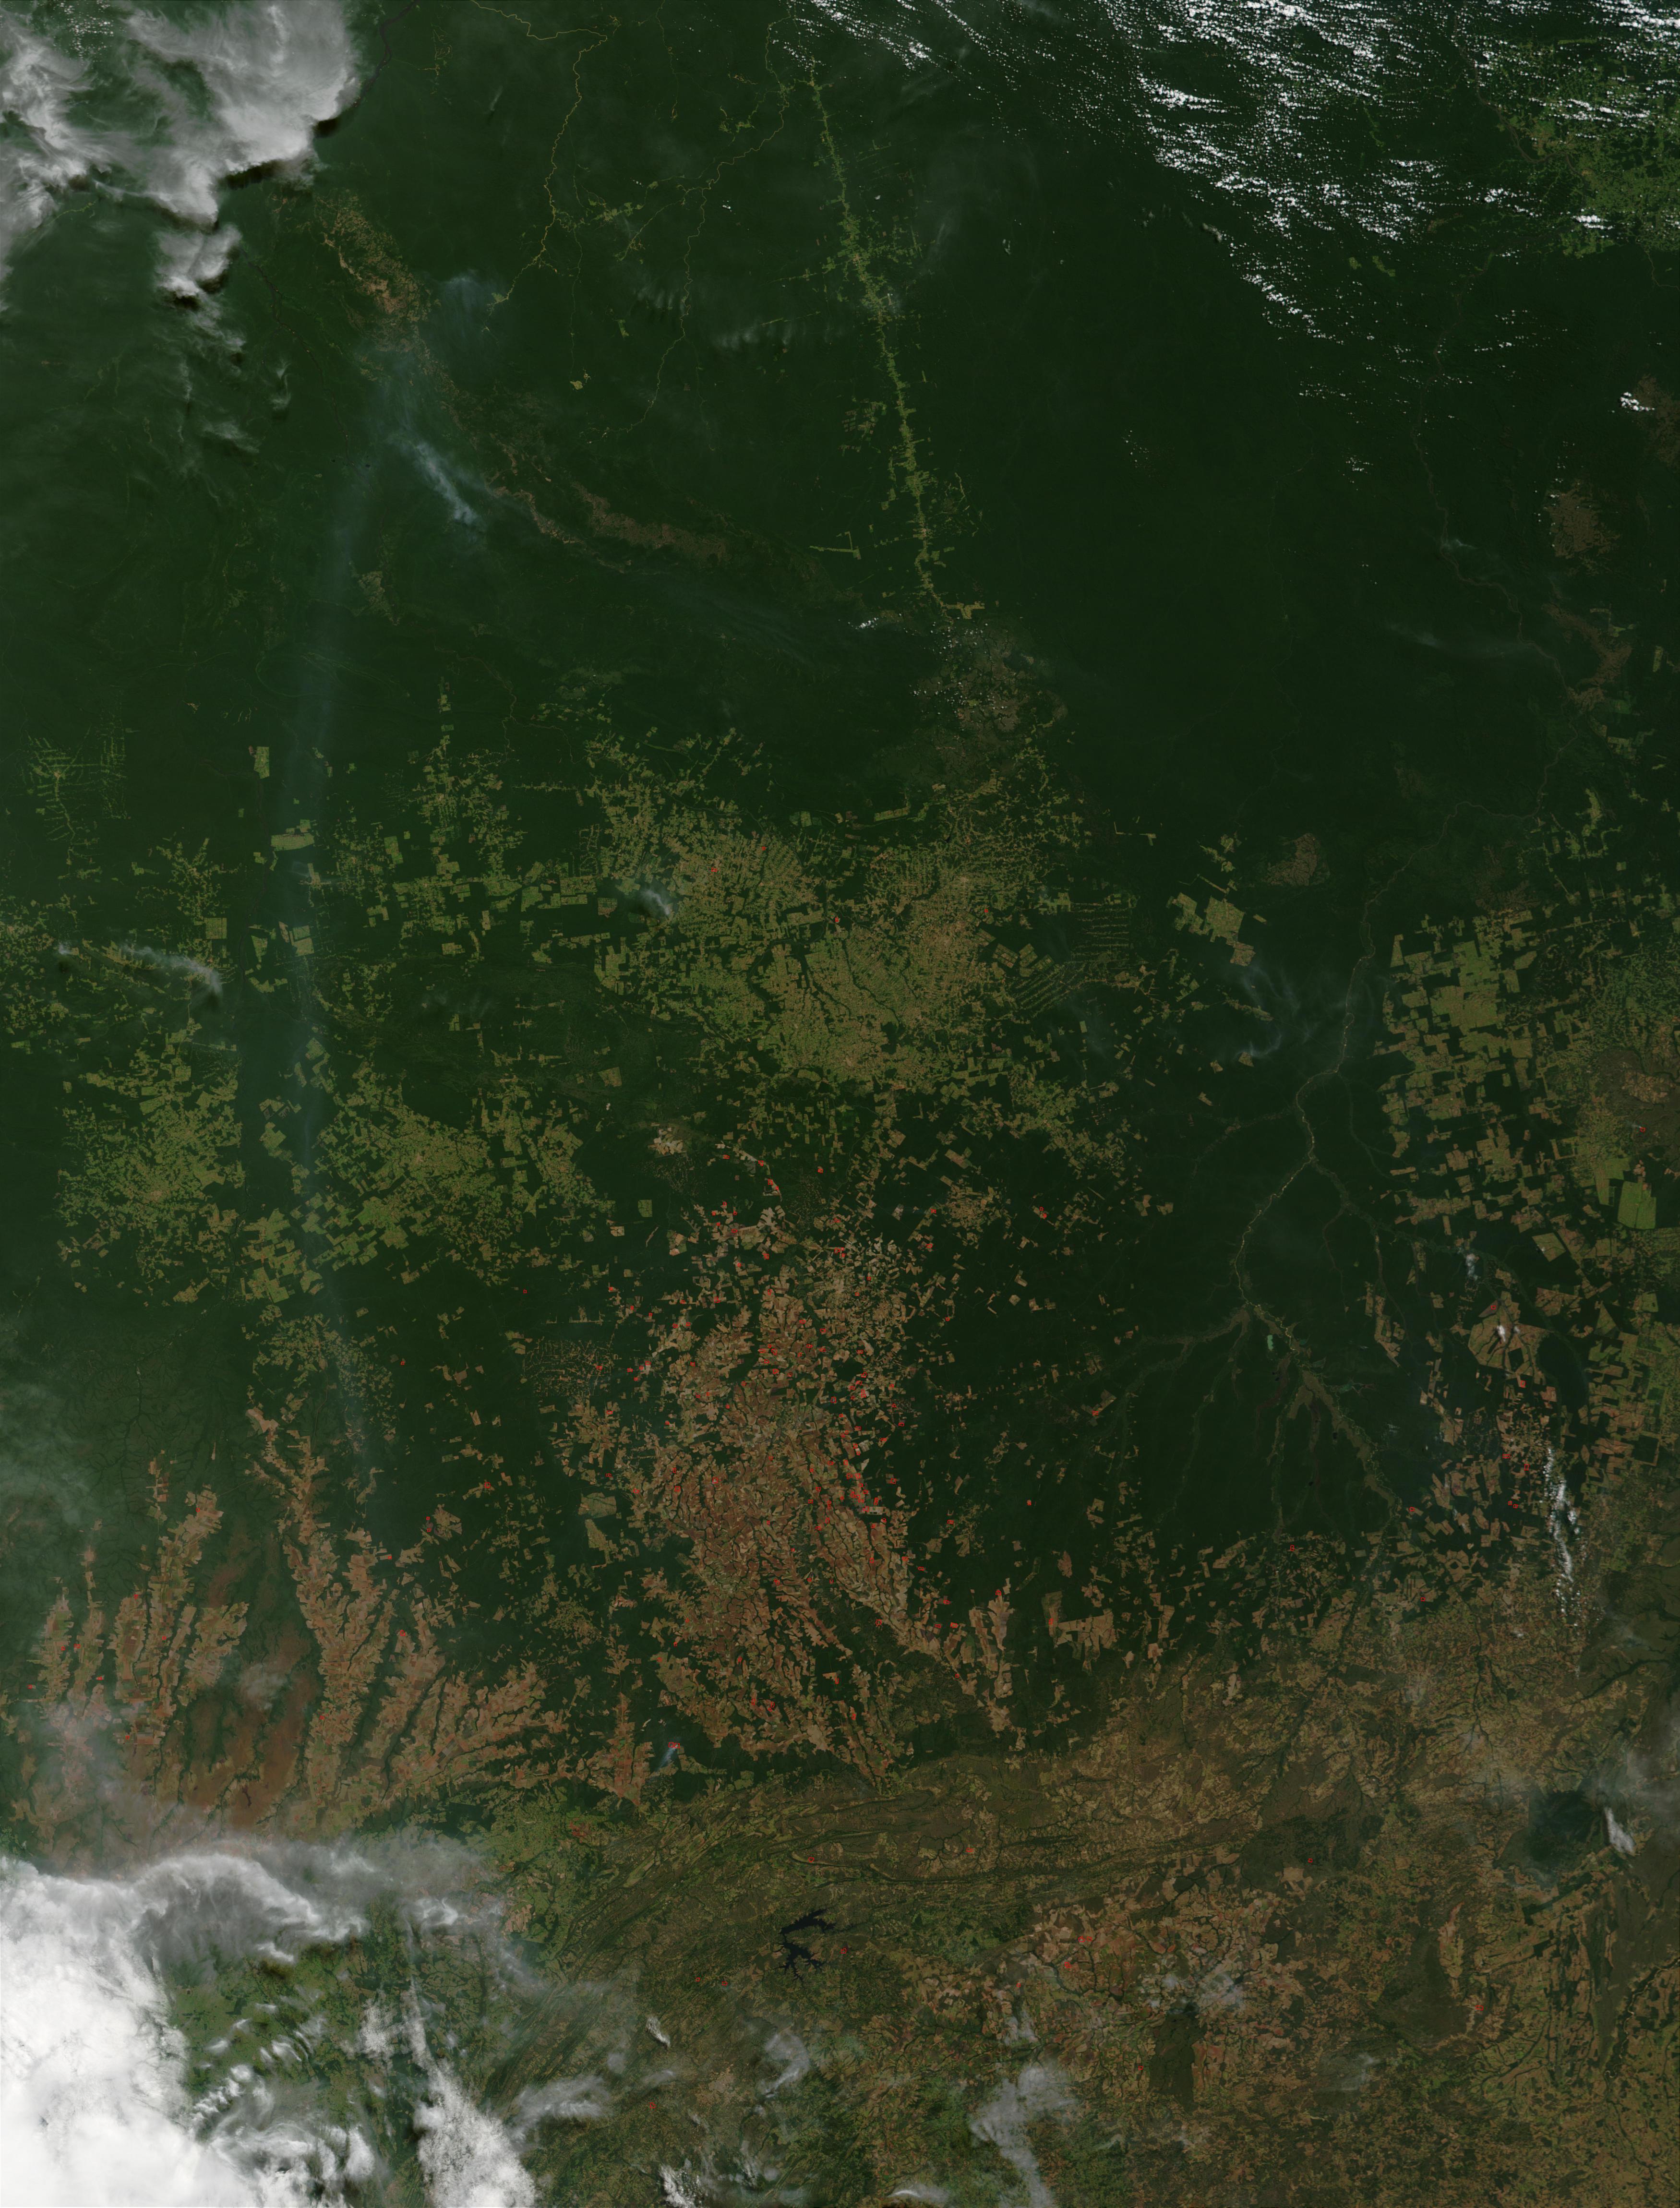 Incendios en el estado de Mato Grosso, Brasil